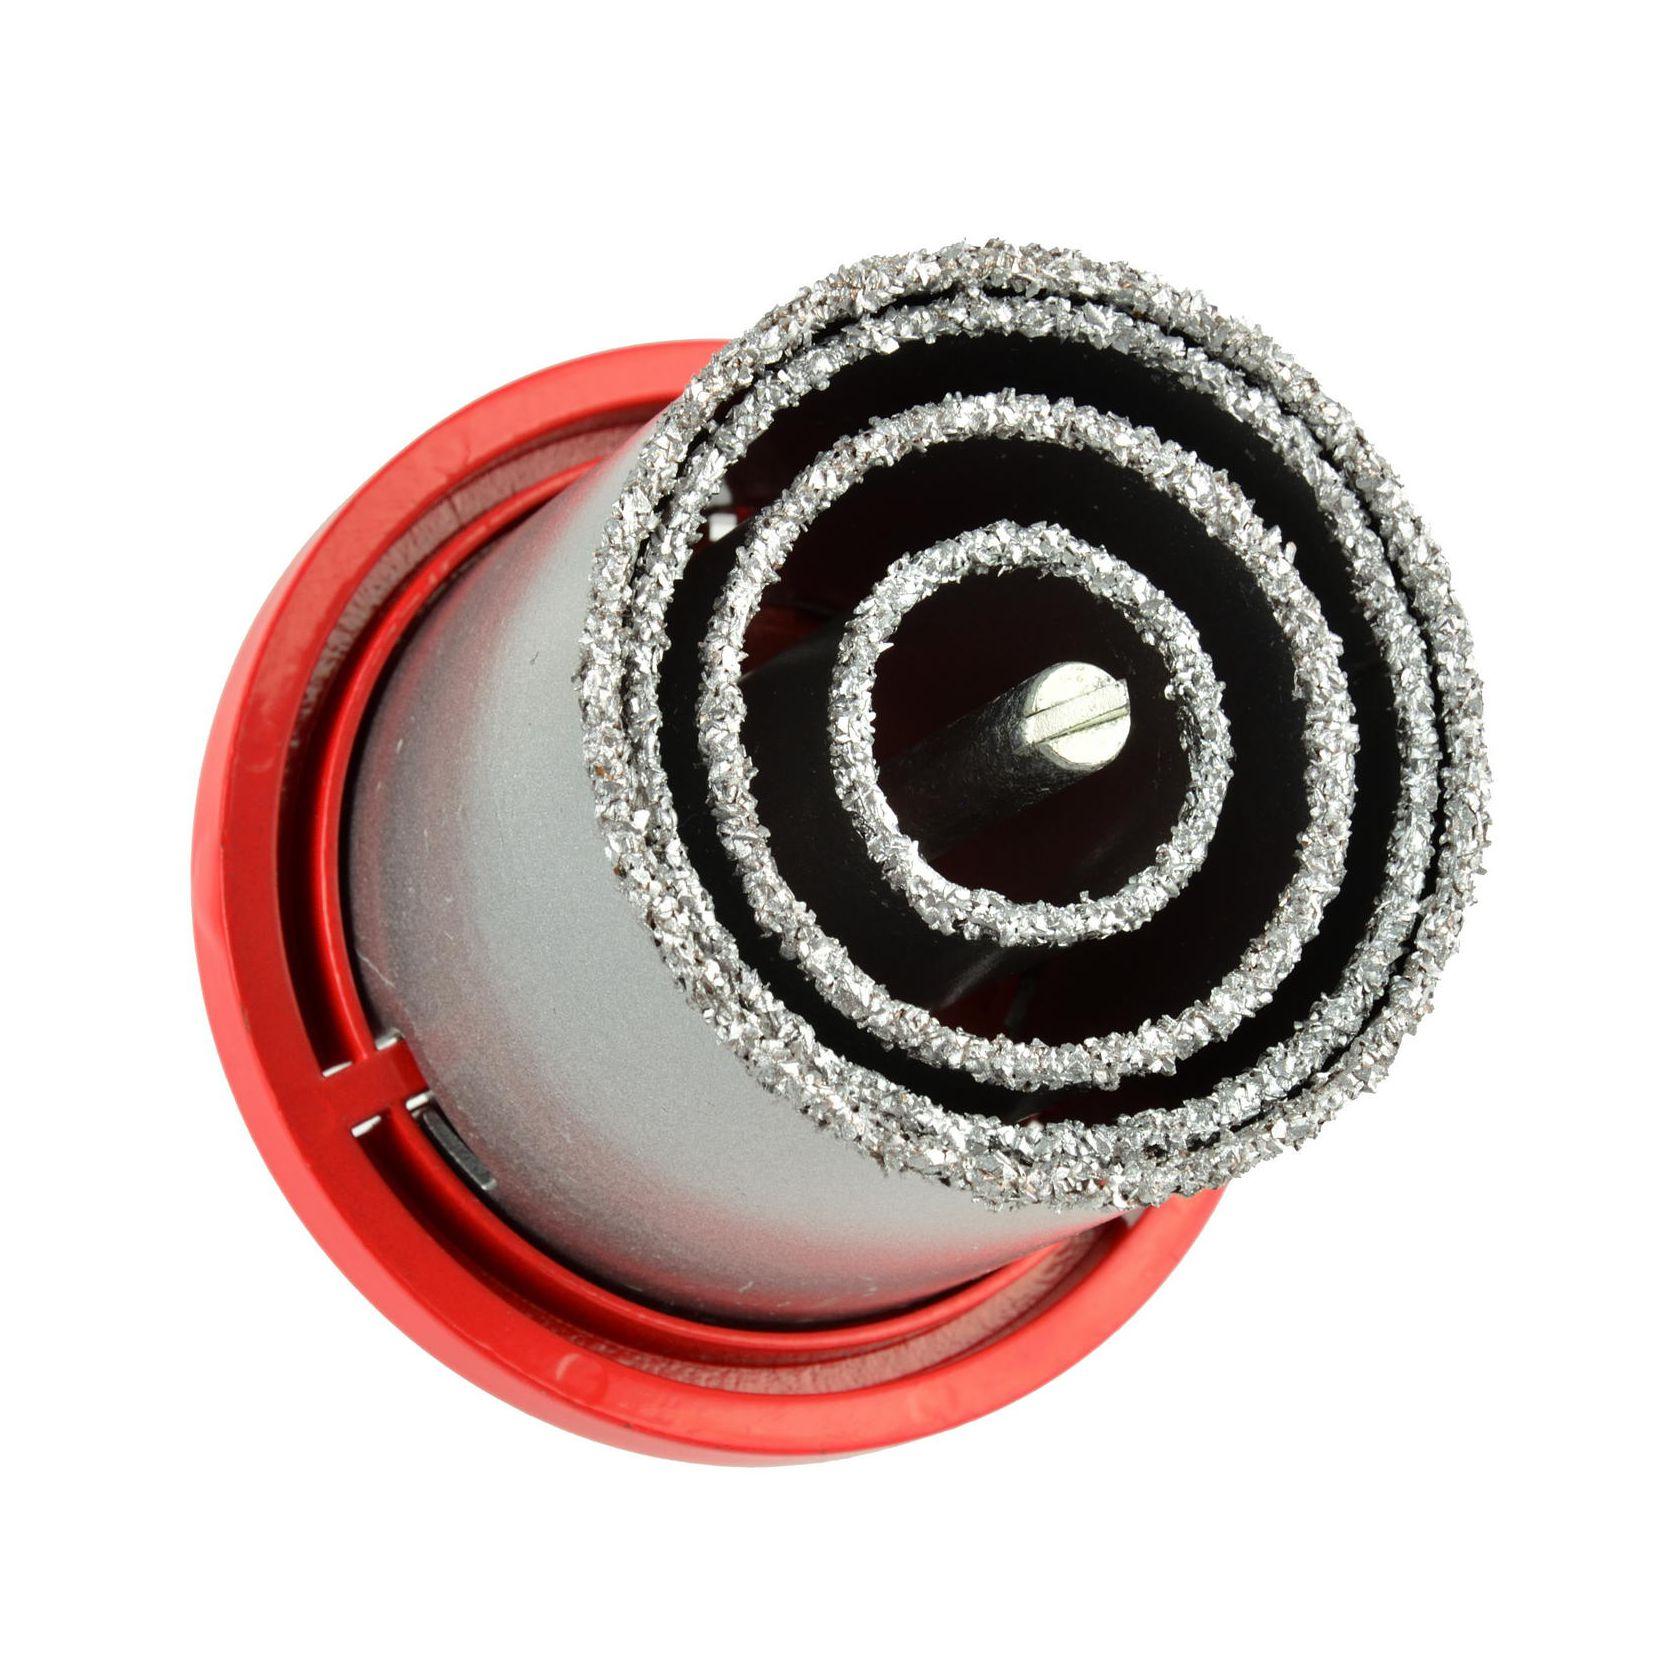 Otwornica wolframowa do glazury 33-73mm 4el. GEKO 3